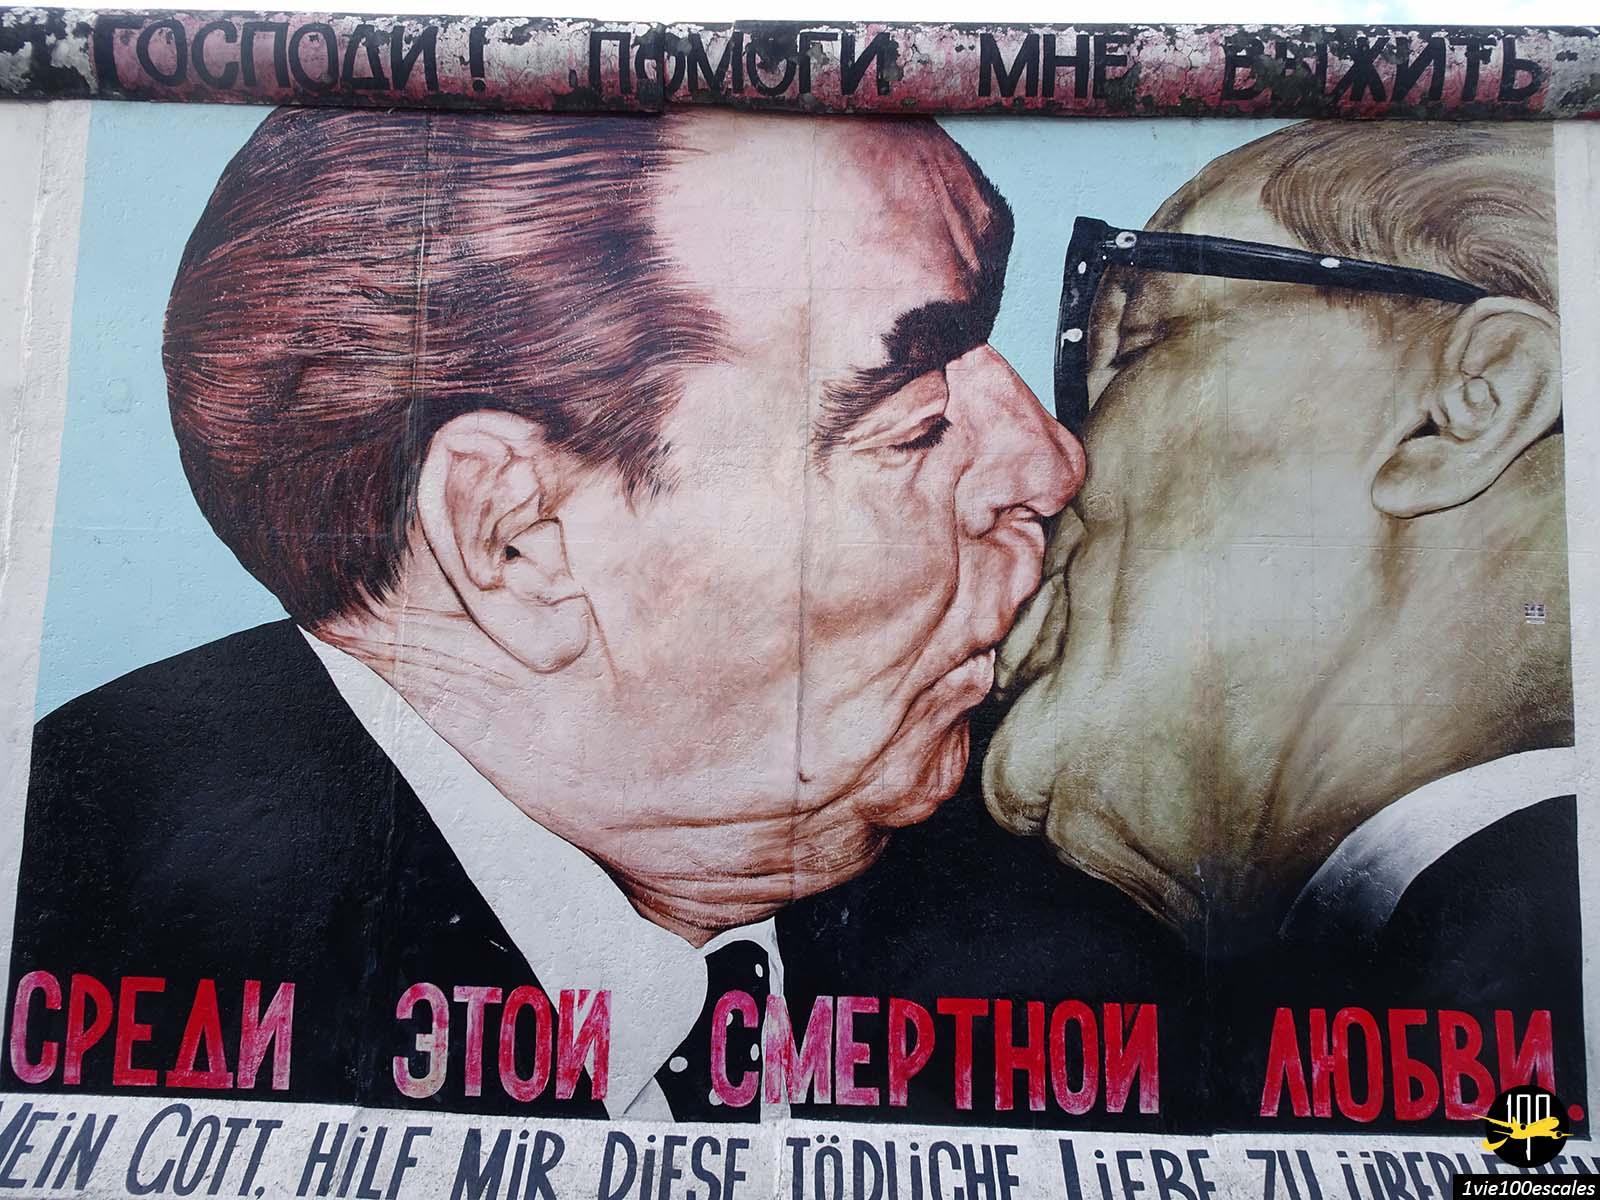 Promenade de long du mur de Berlin avec ses célèbres dessins